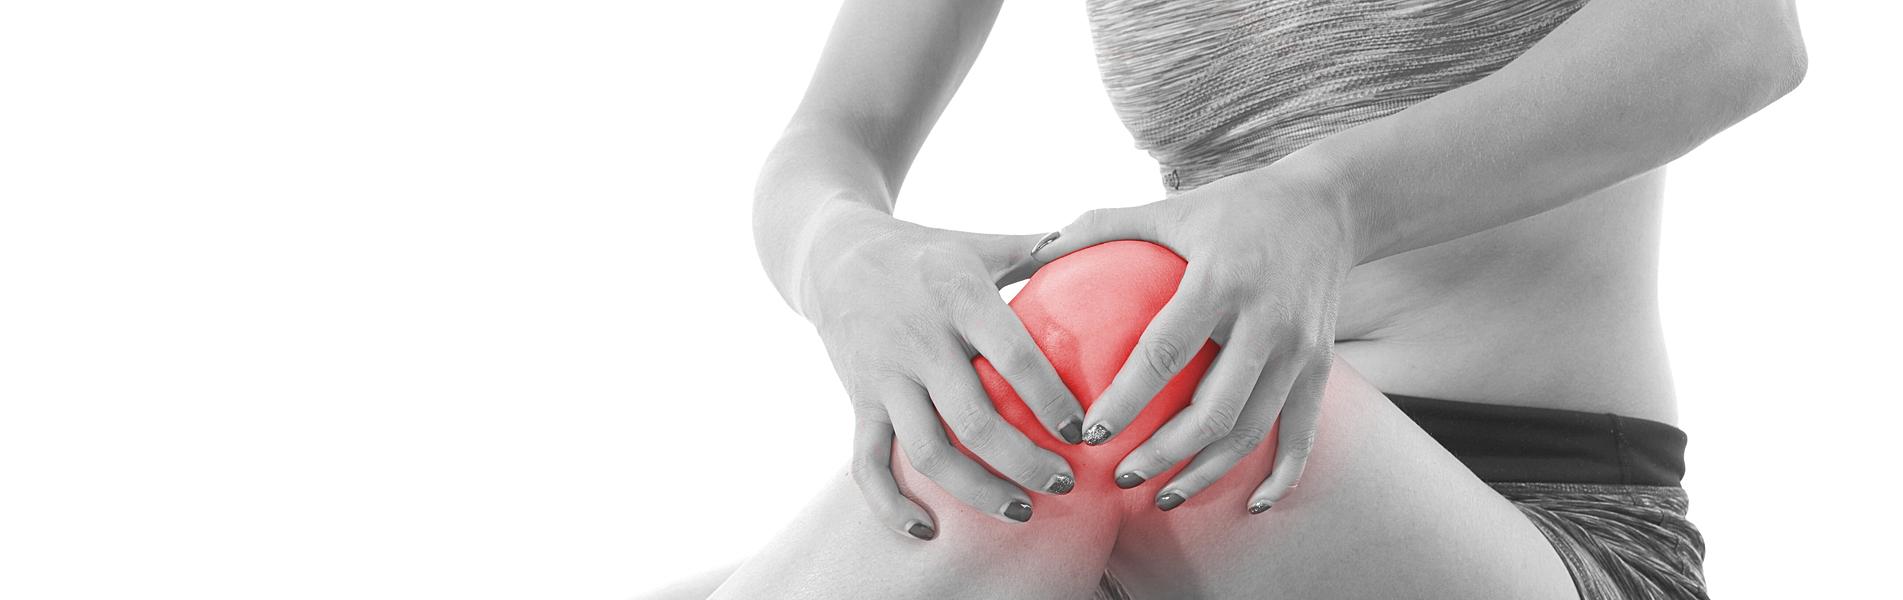 home-rotation-knee